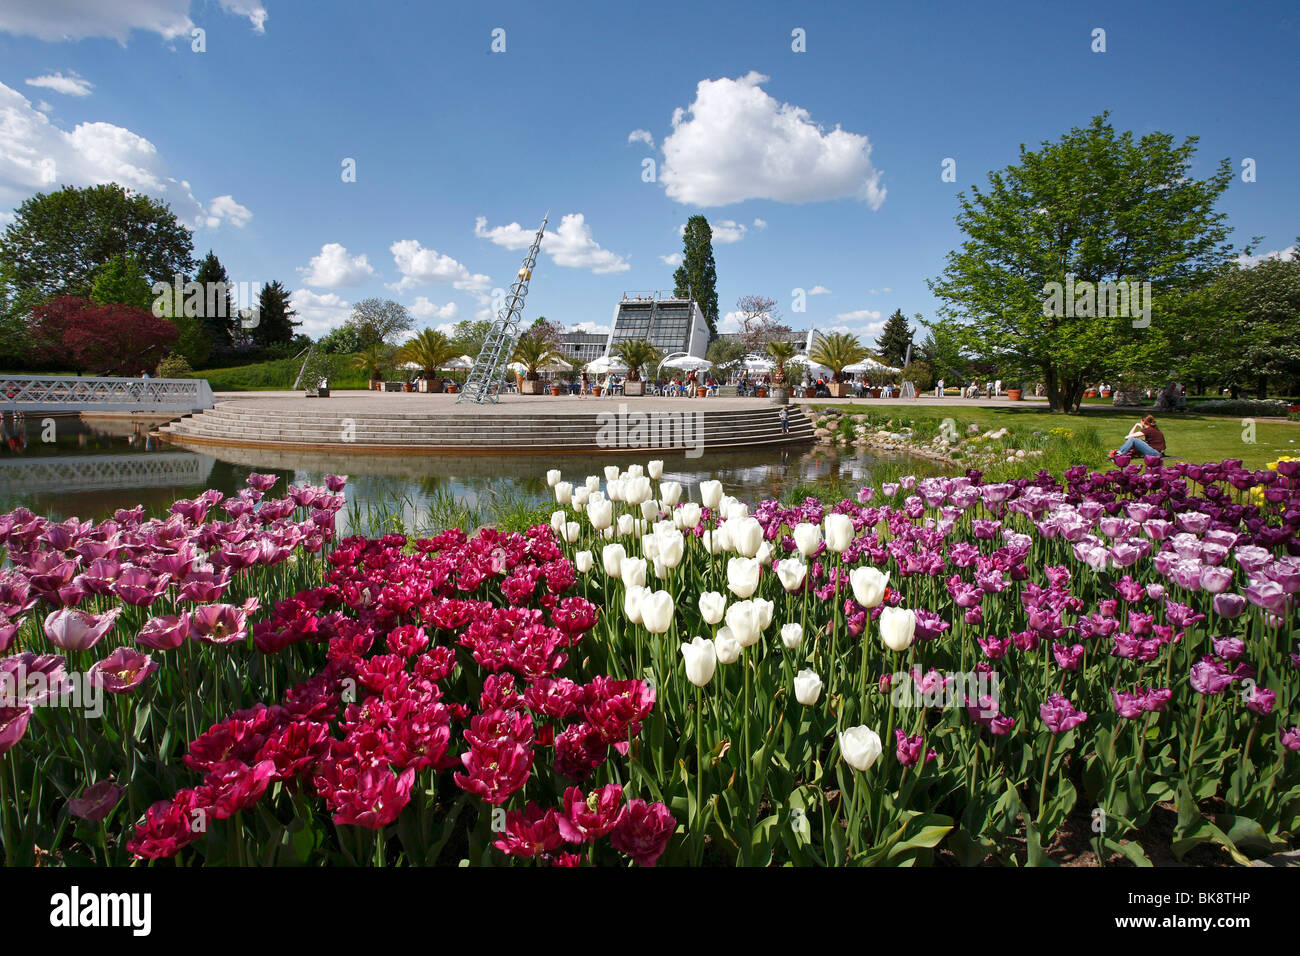 tulipan, tulips bloom in the kalenderplatz square, britzer garten, Garten ideen